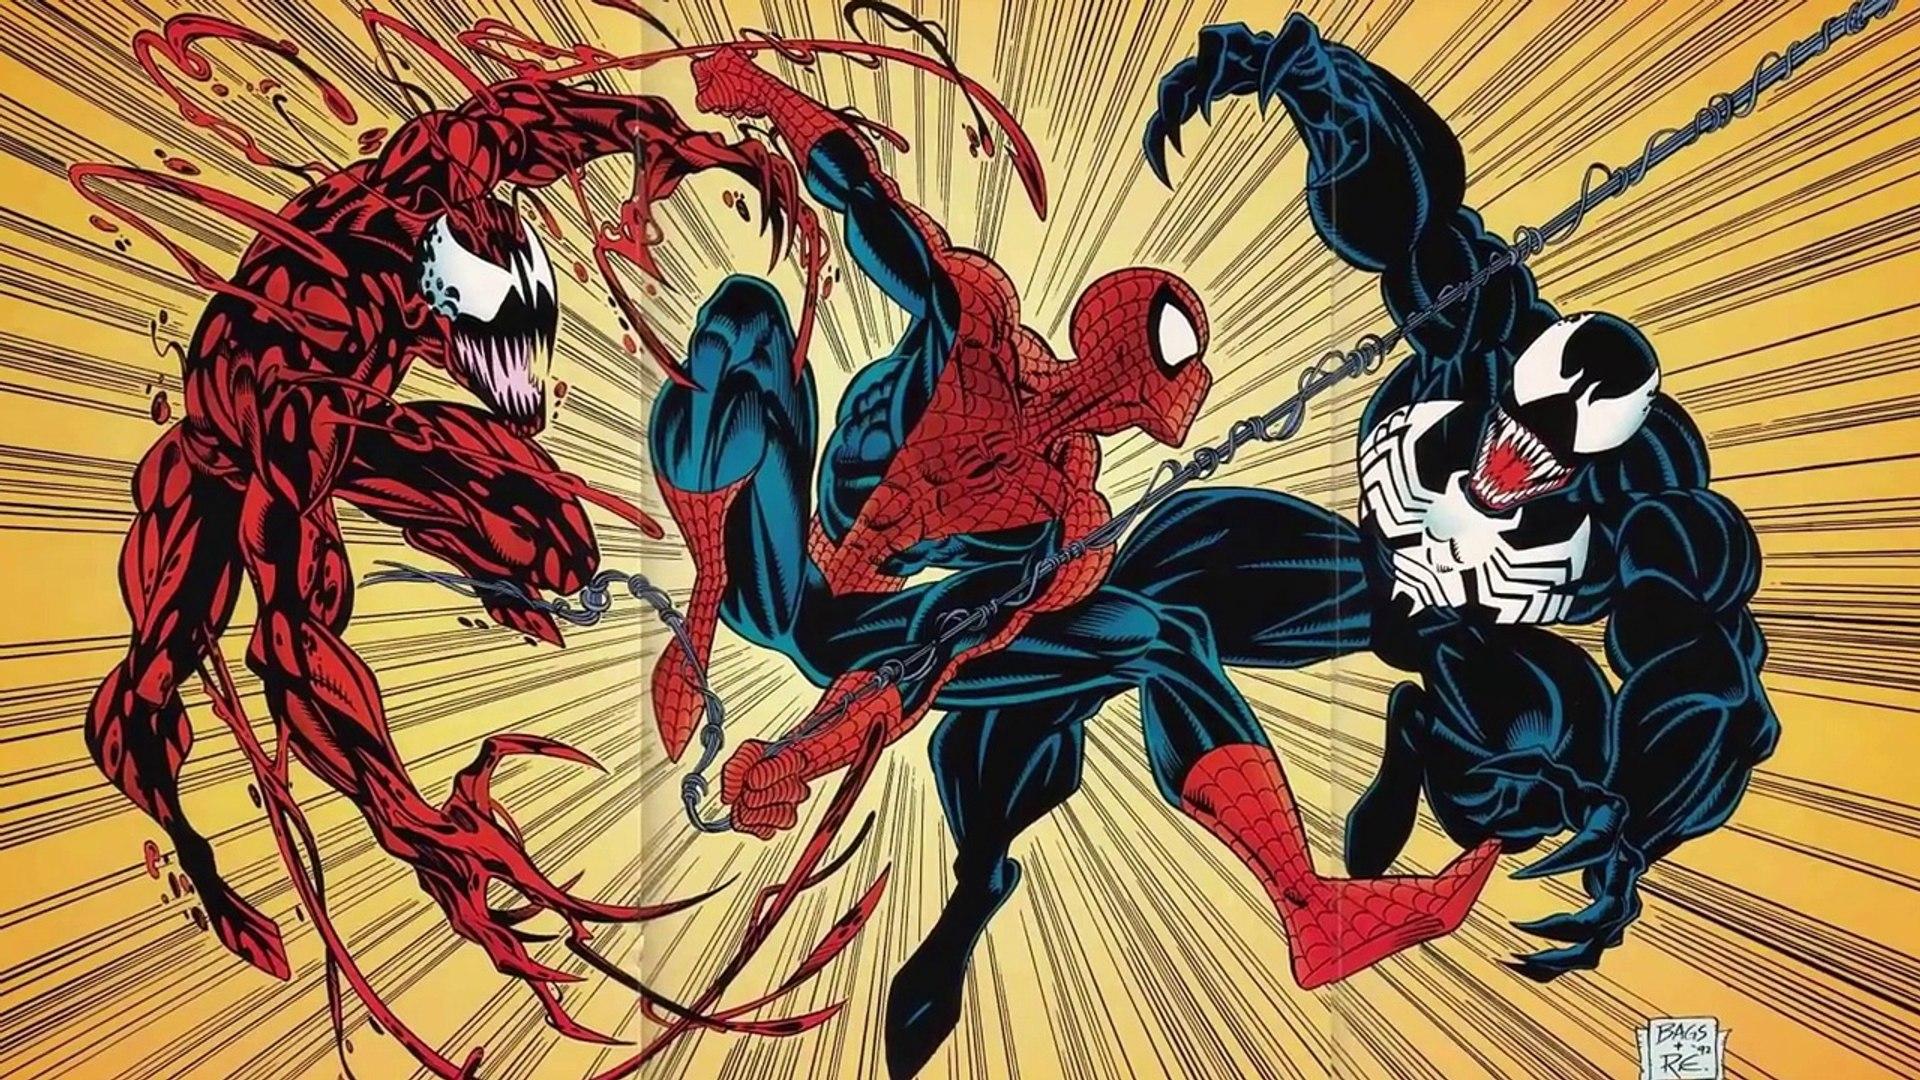 Venom - You Think You Know Comics?